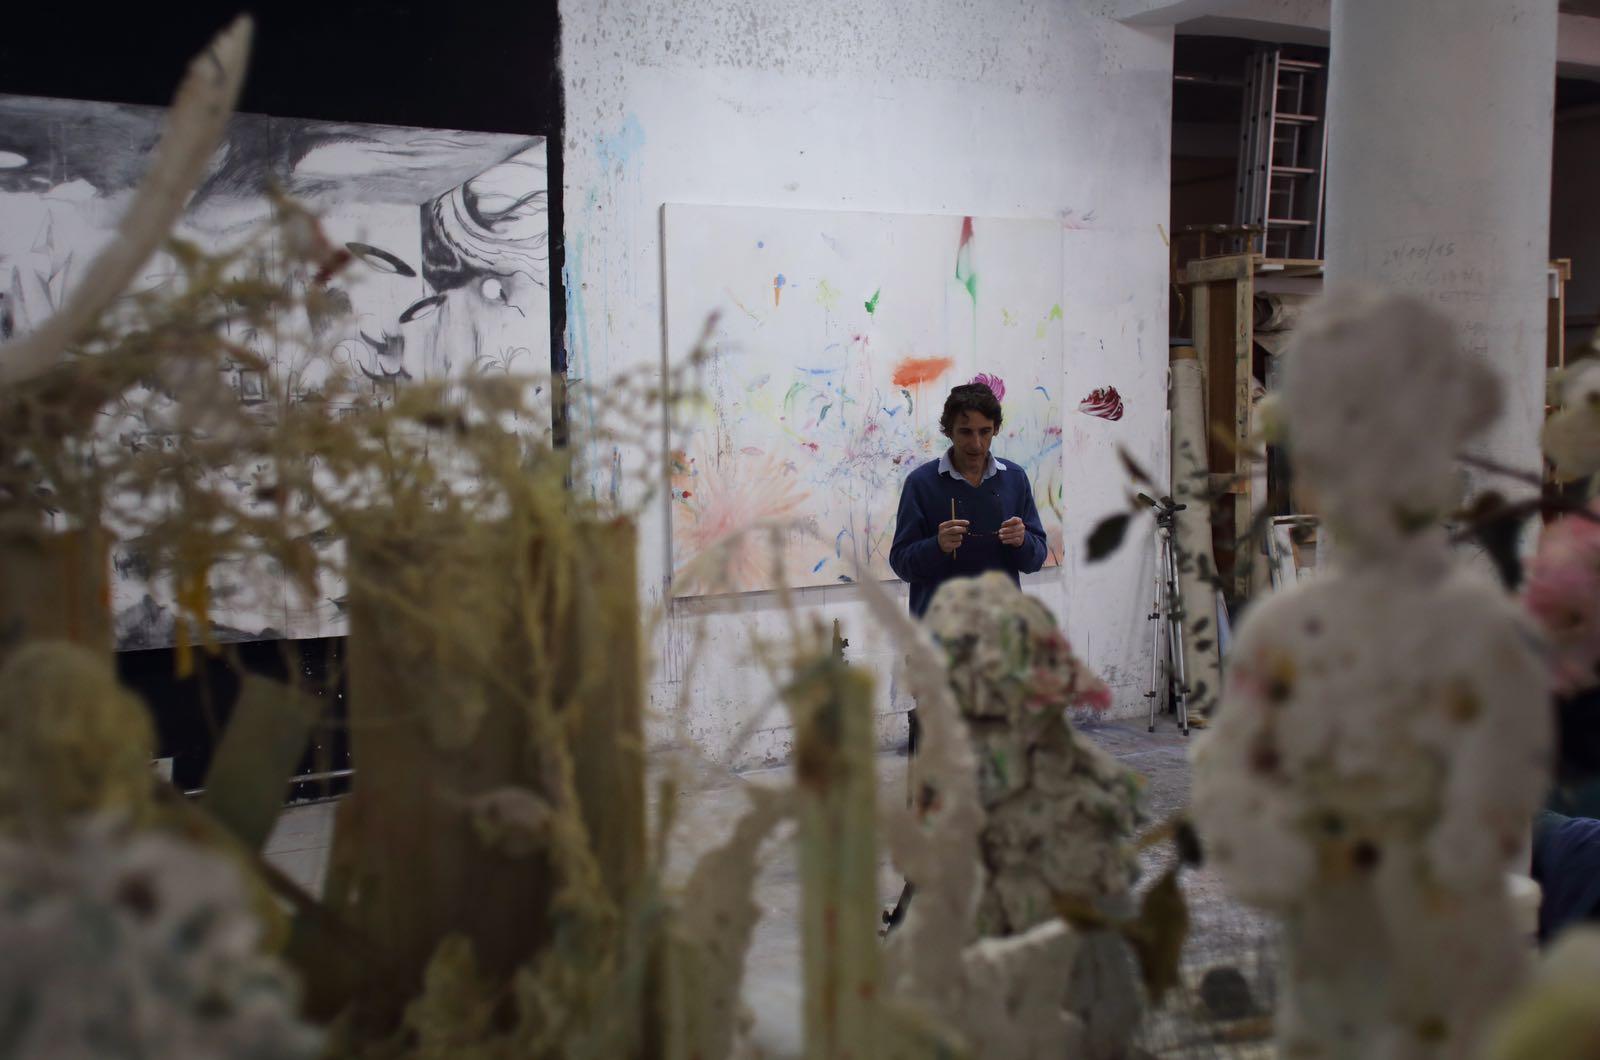 Manfredi Beninati nel suo studio. Foto: Fausto Brigantino